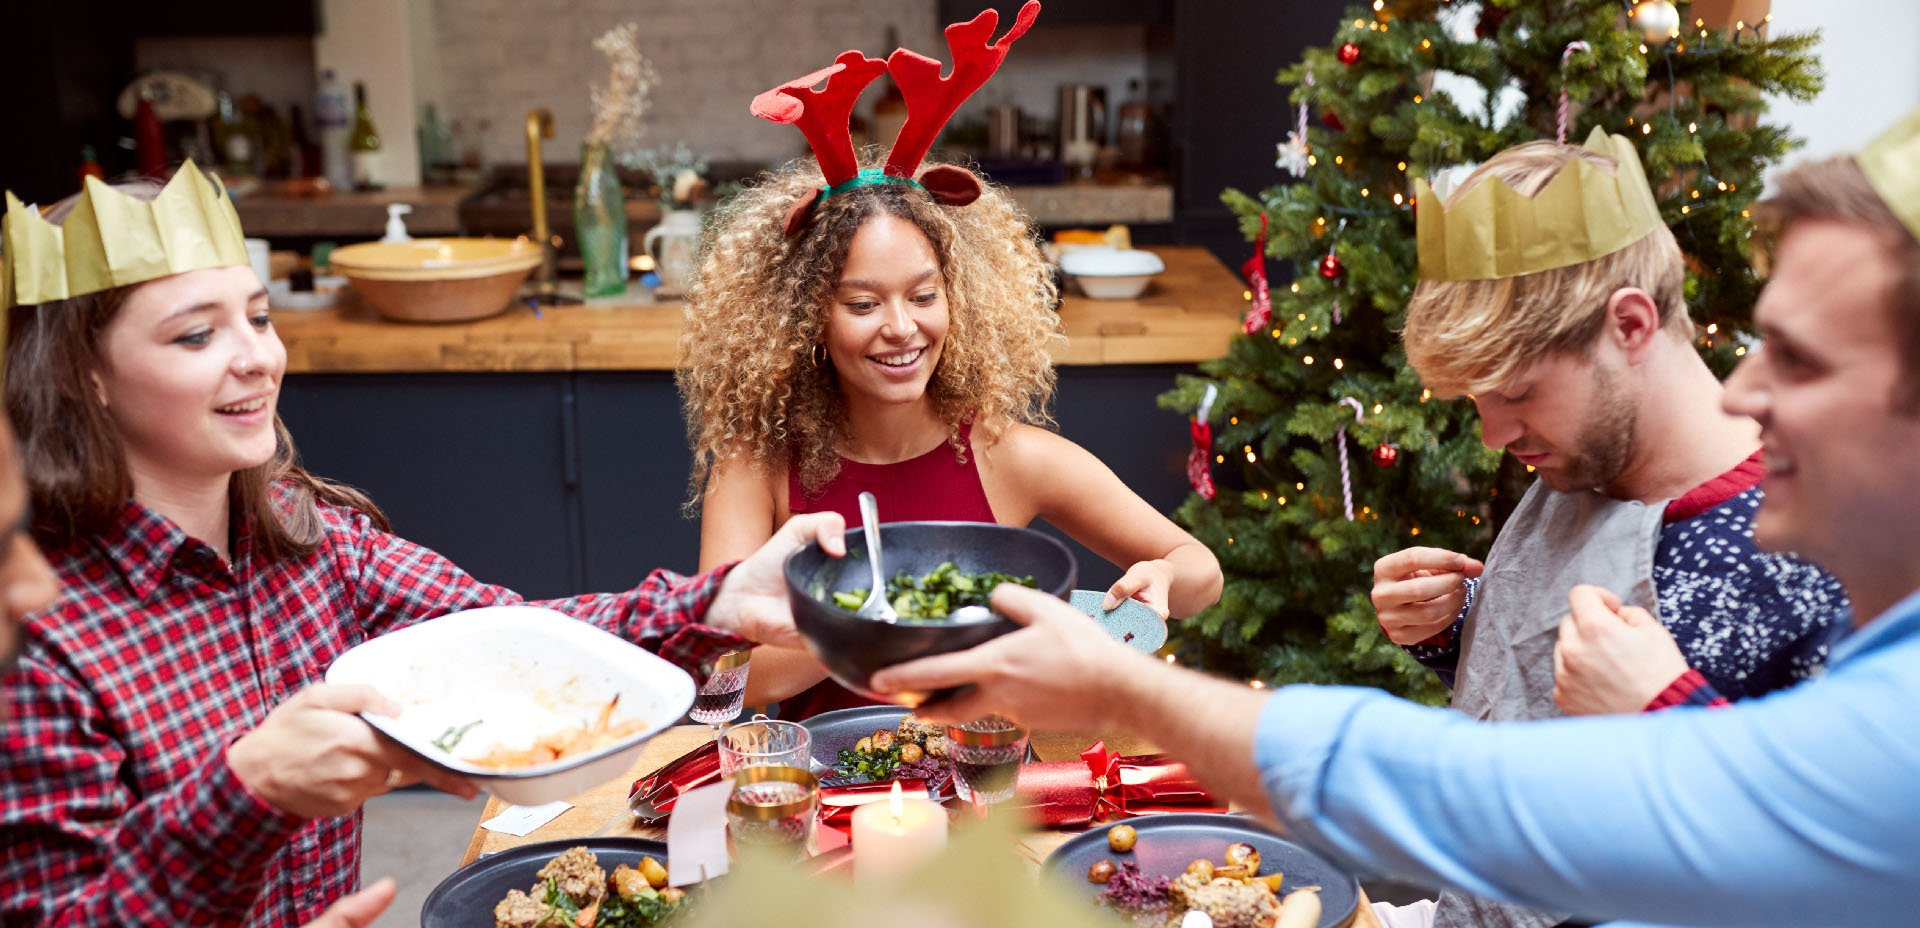 Come gestire relazioni e tentazioni natalizie?